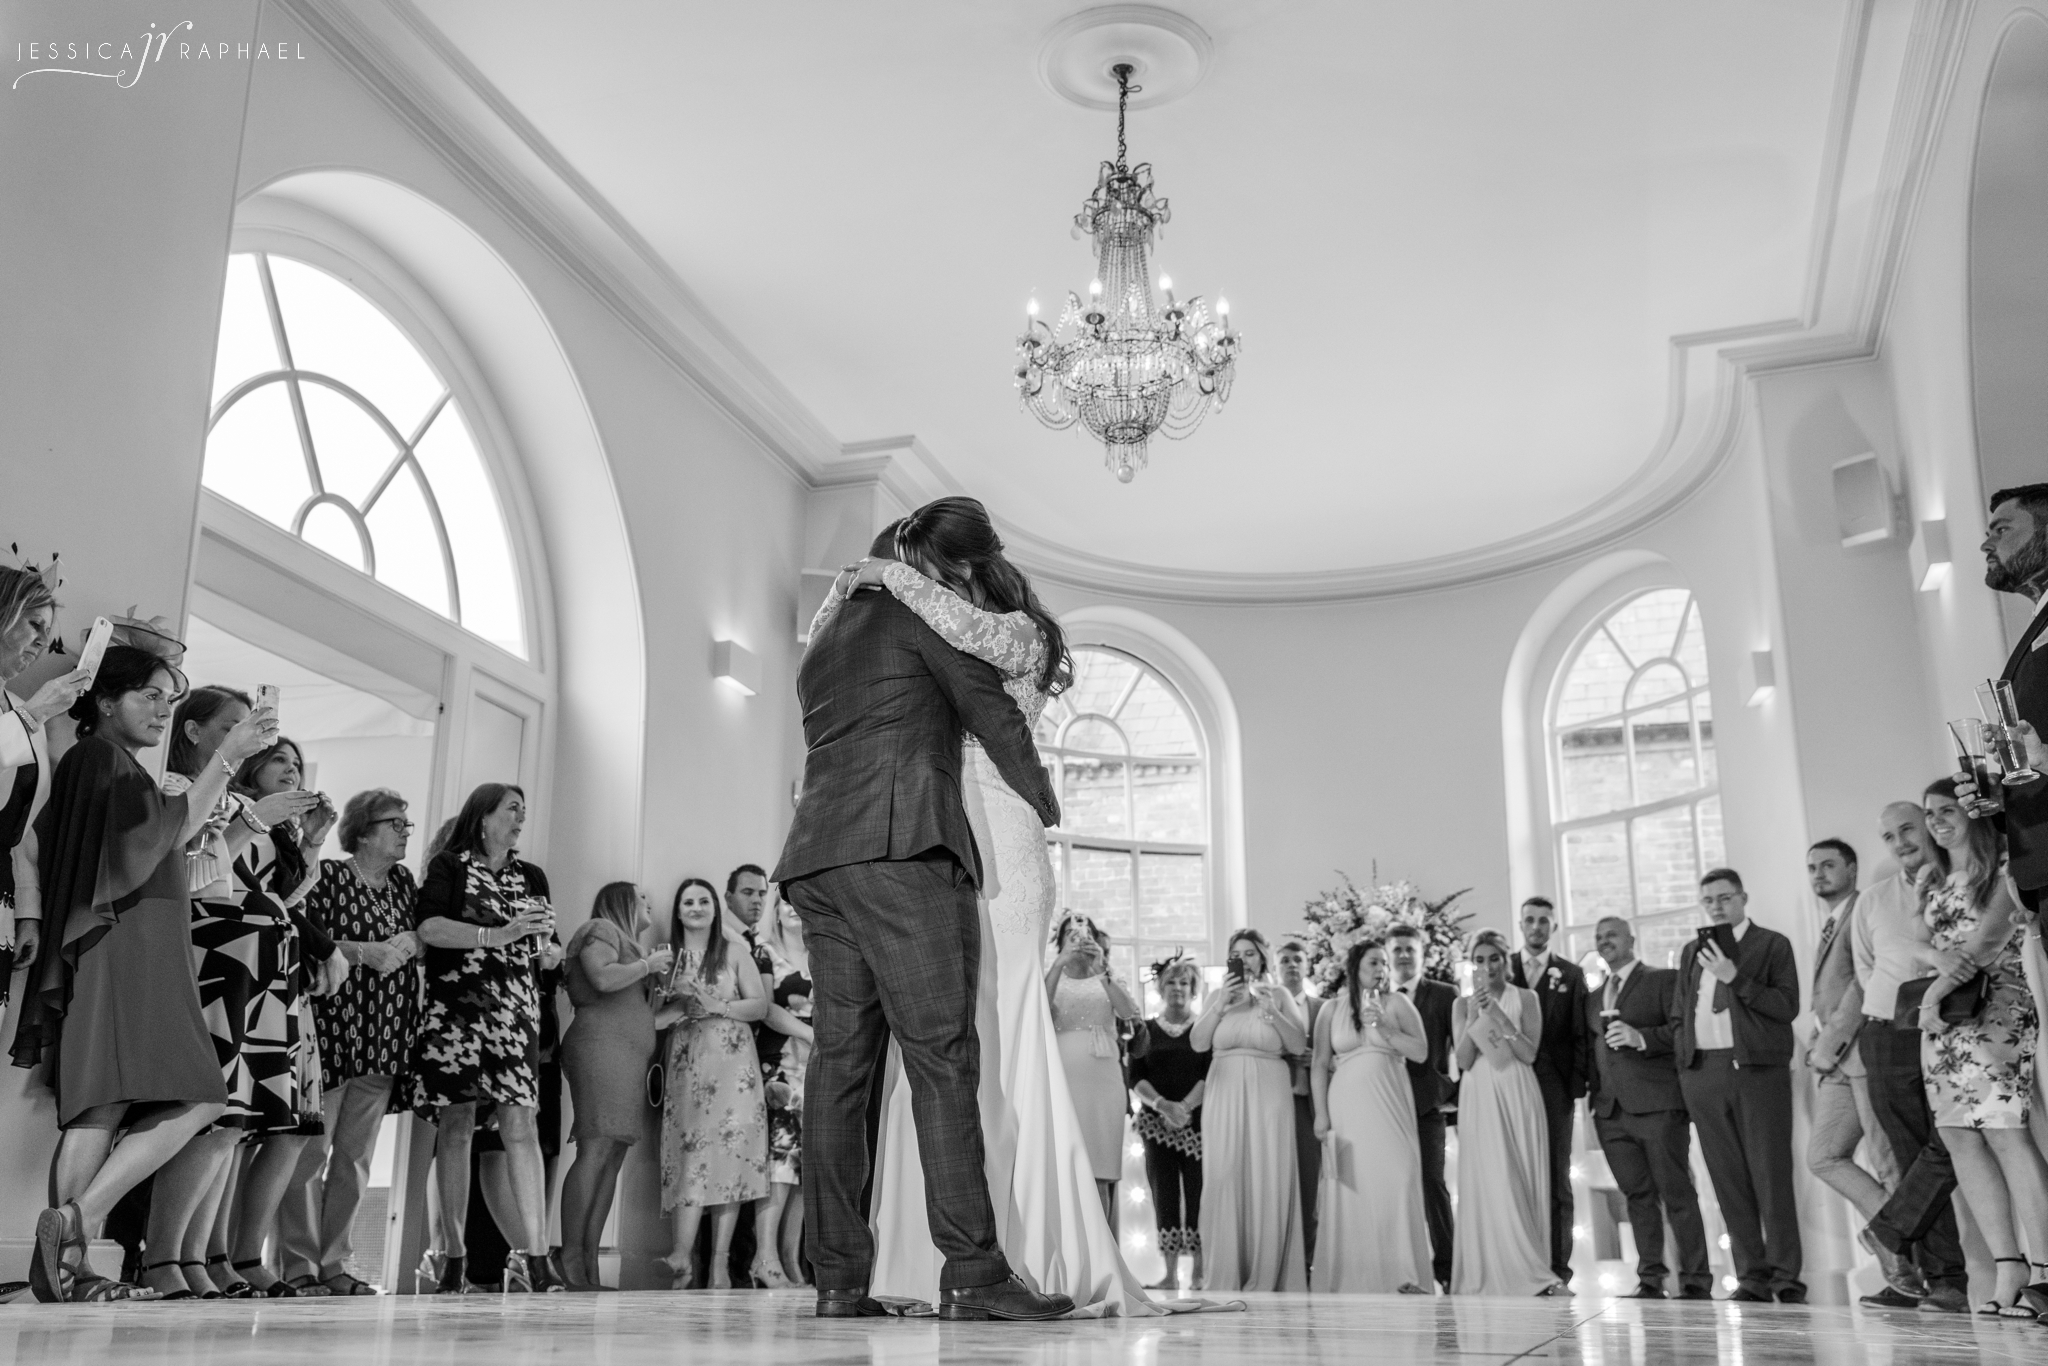 jessica_raphael_photography_3068.jpgiscoyd-park-wedding-jessica-raphael-photography-iscoyd-park-wedding-photos